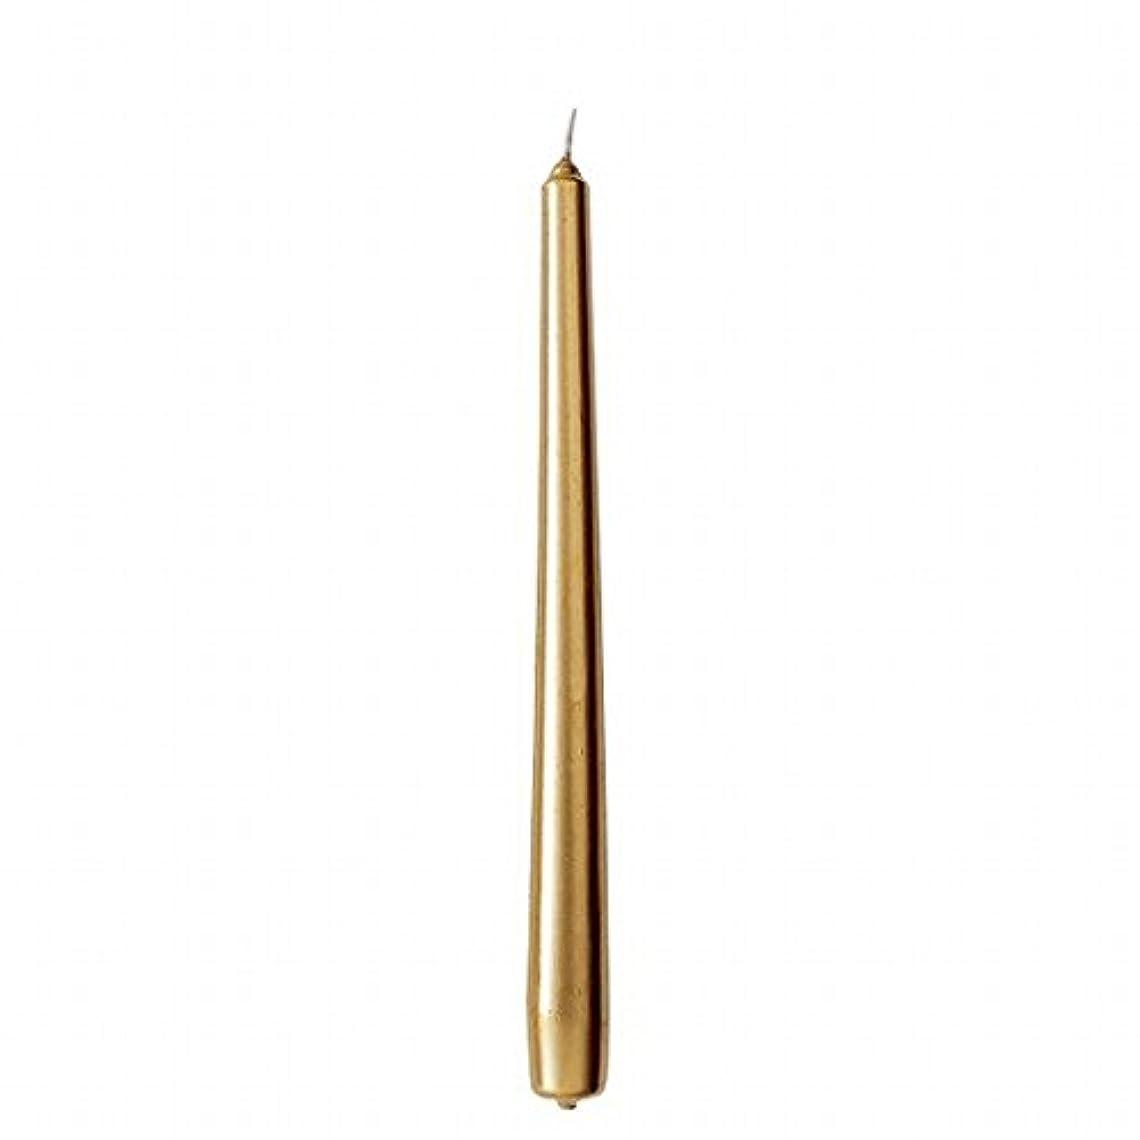 世論調査未満先にカメヤマキャンドル(kameyama candle) 10インチテーパー 「 ゴールド 」 12本入り